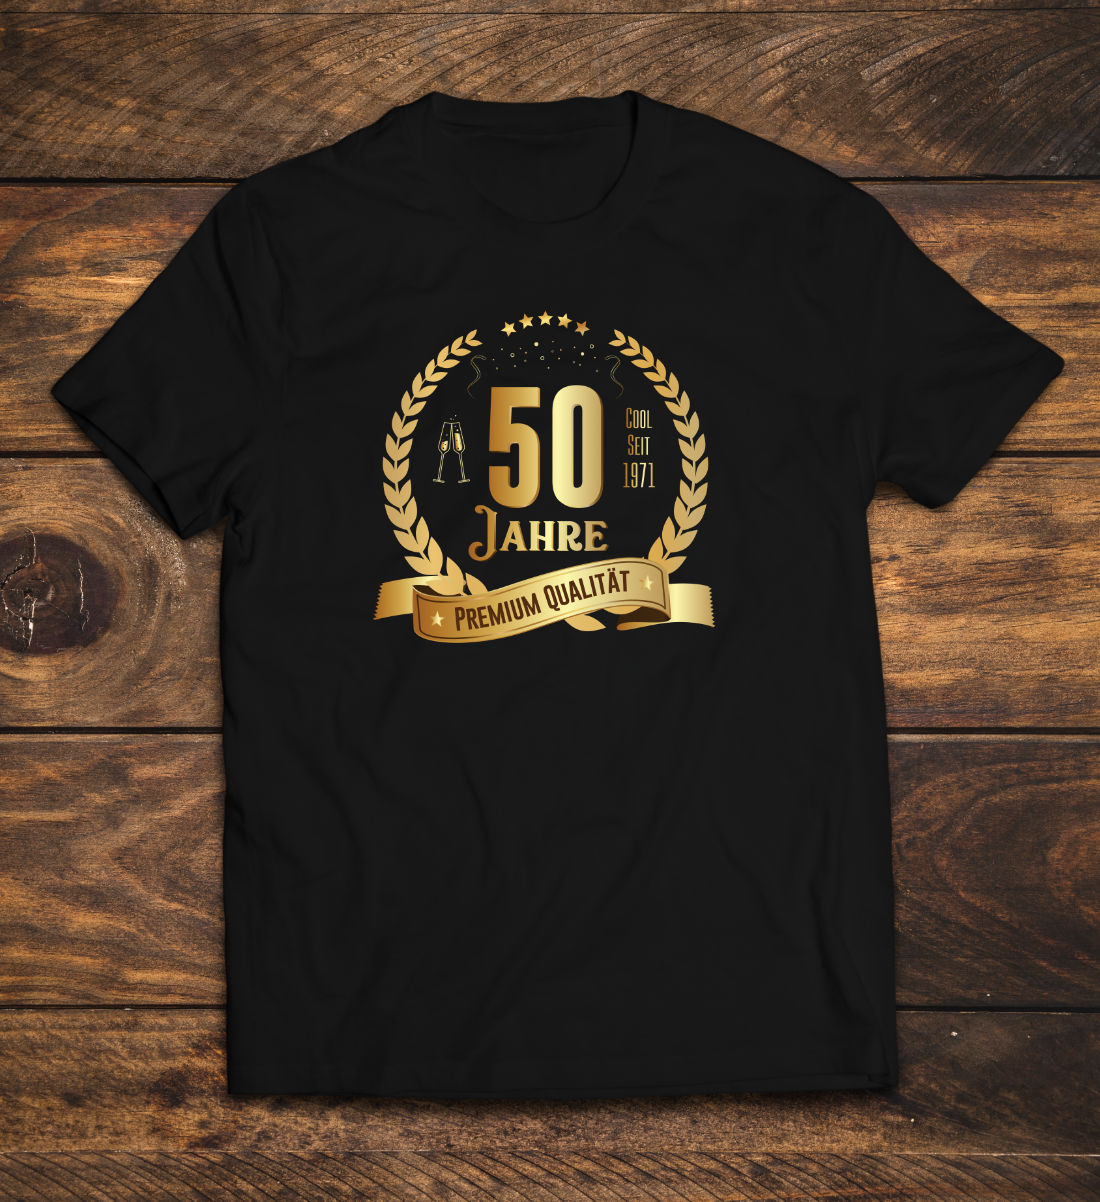 T-Shirt zum 50. Geburtstag mit Lorbeerkranz 1971